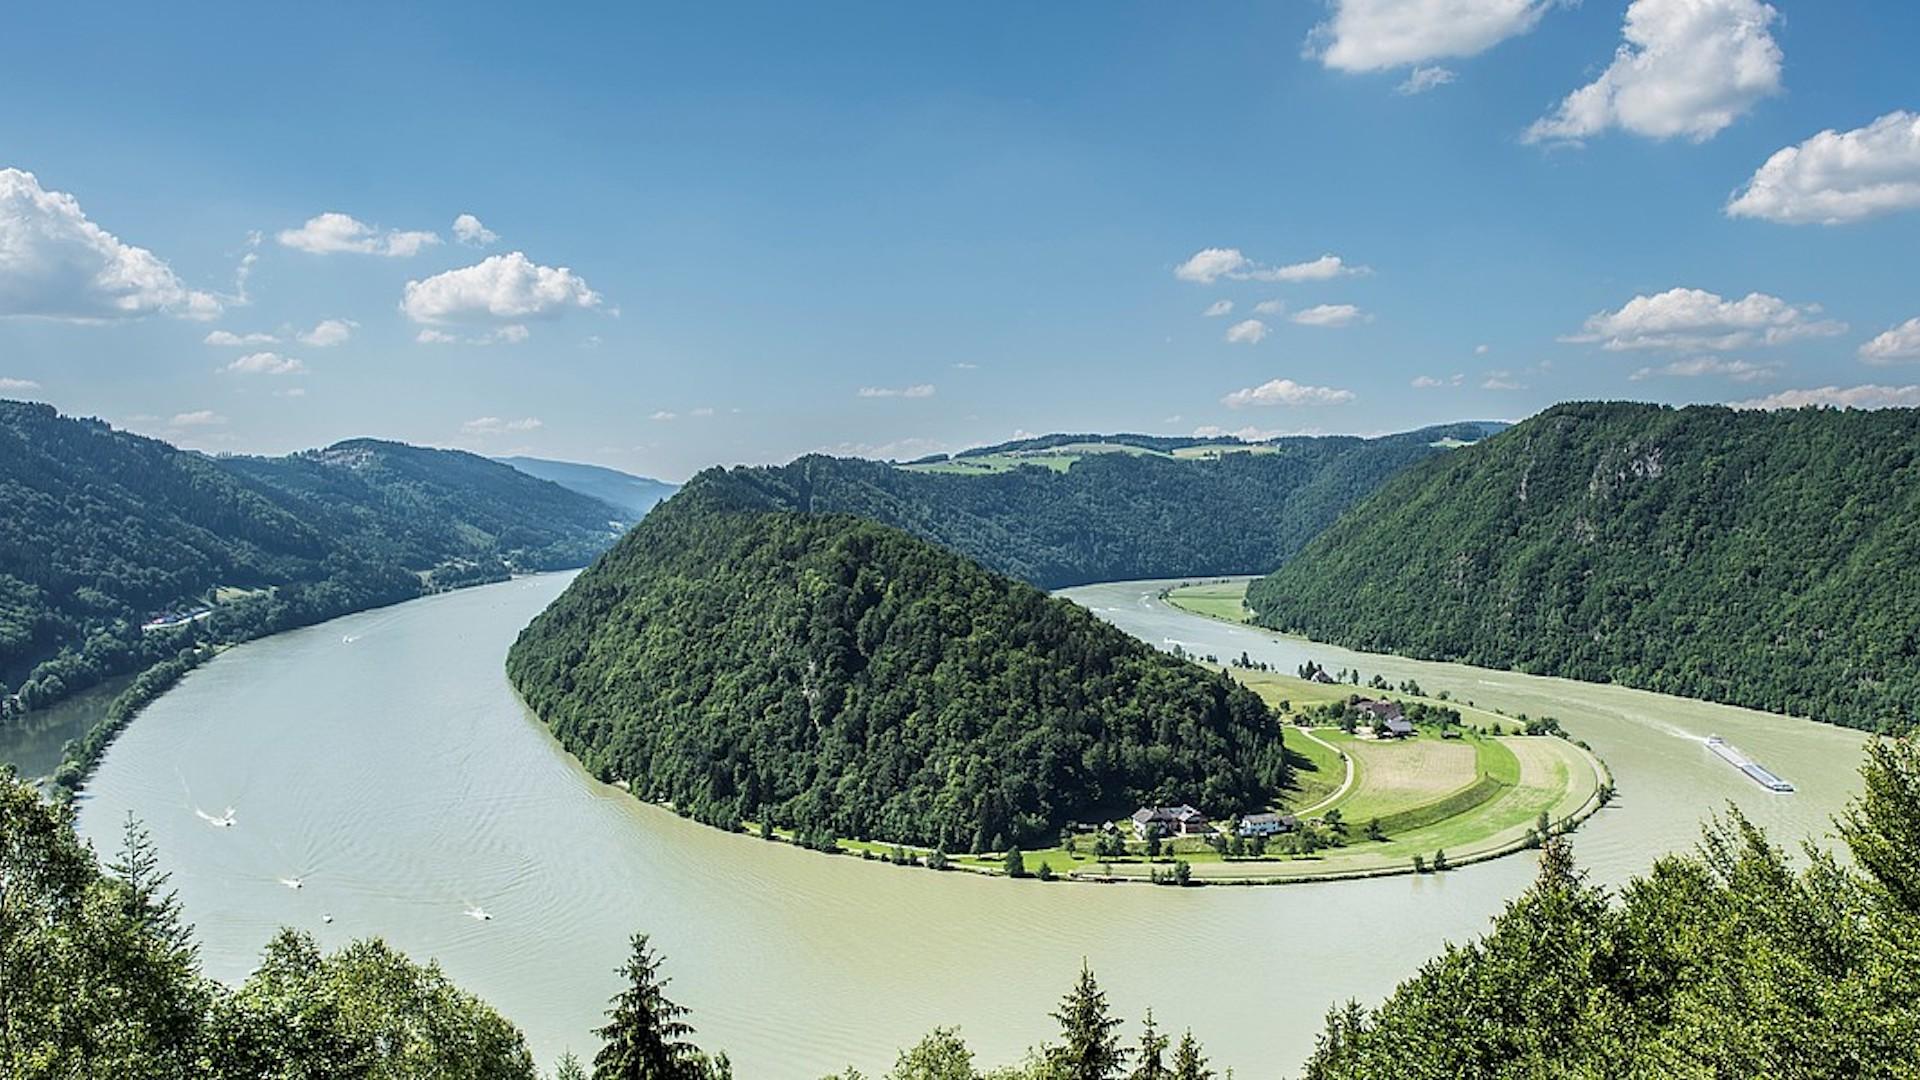 La ruta en bicicleta por el Danubio en Austria: de Passau a Viena